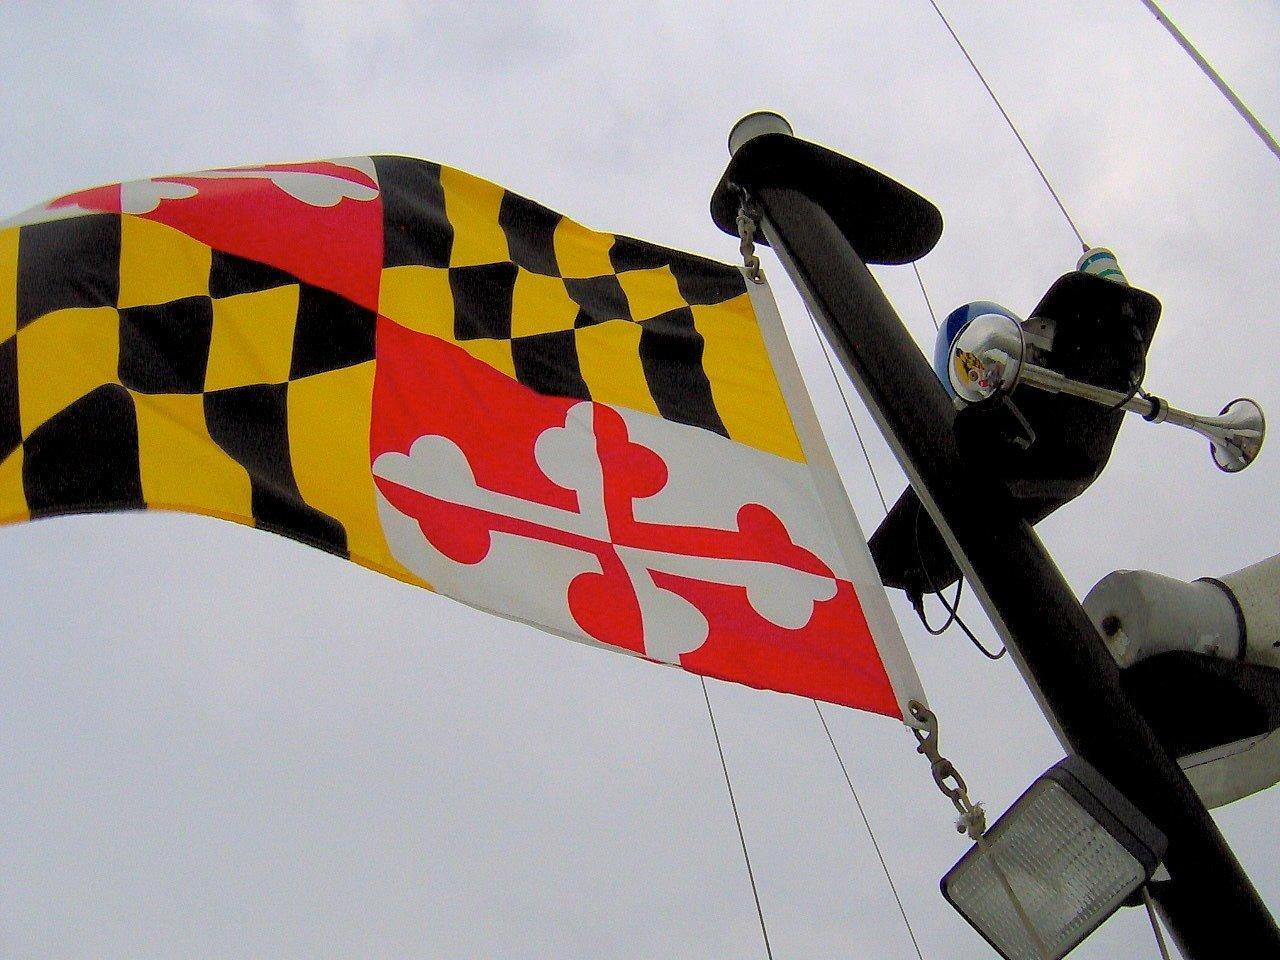 MarylandStateFlagViaWikimediaCommons